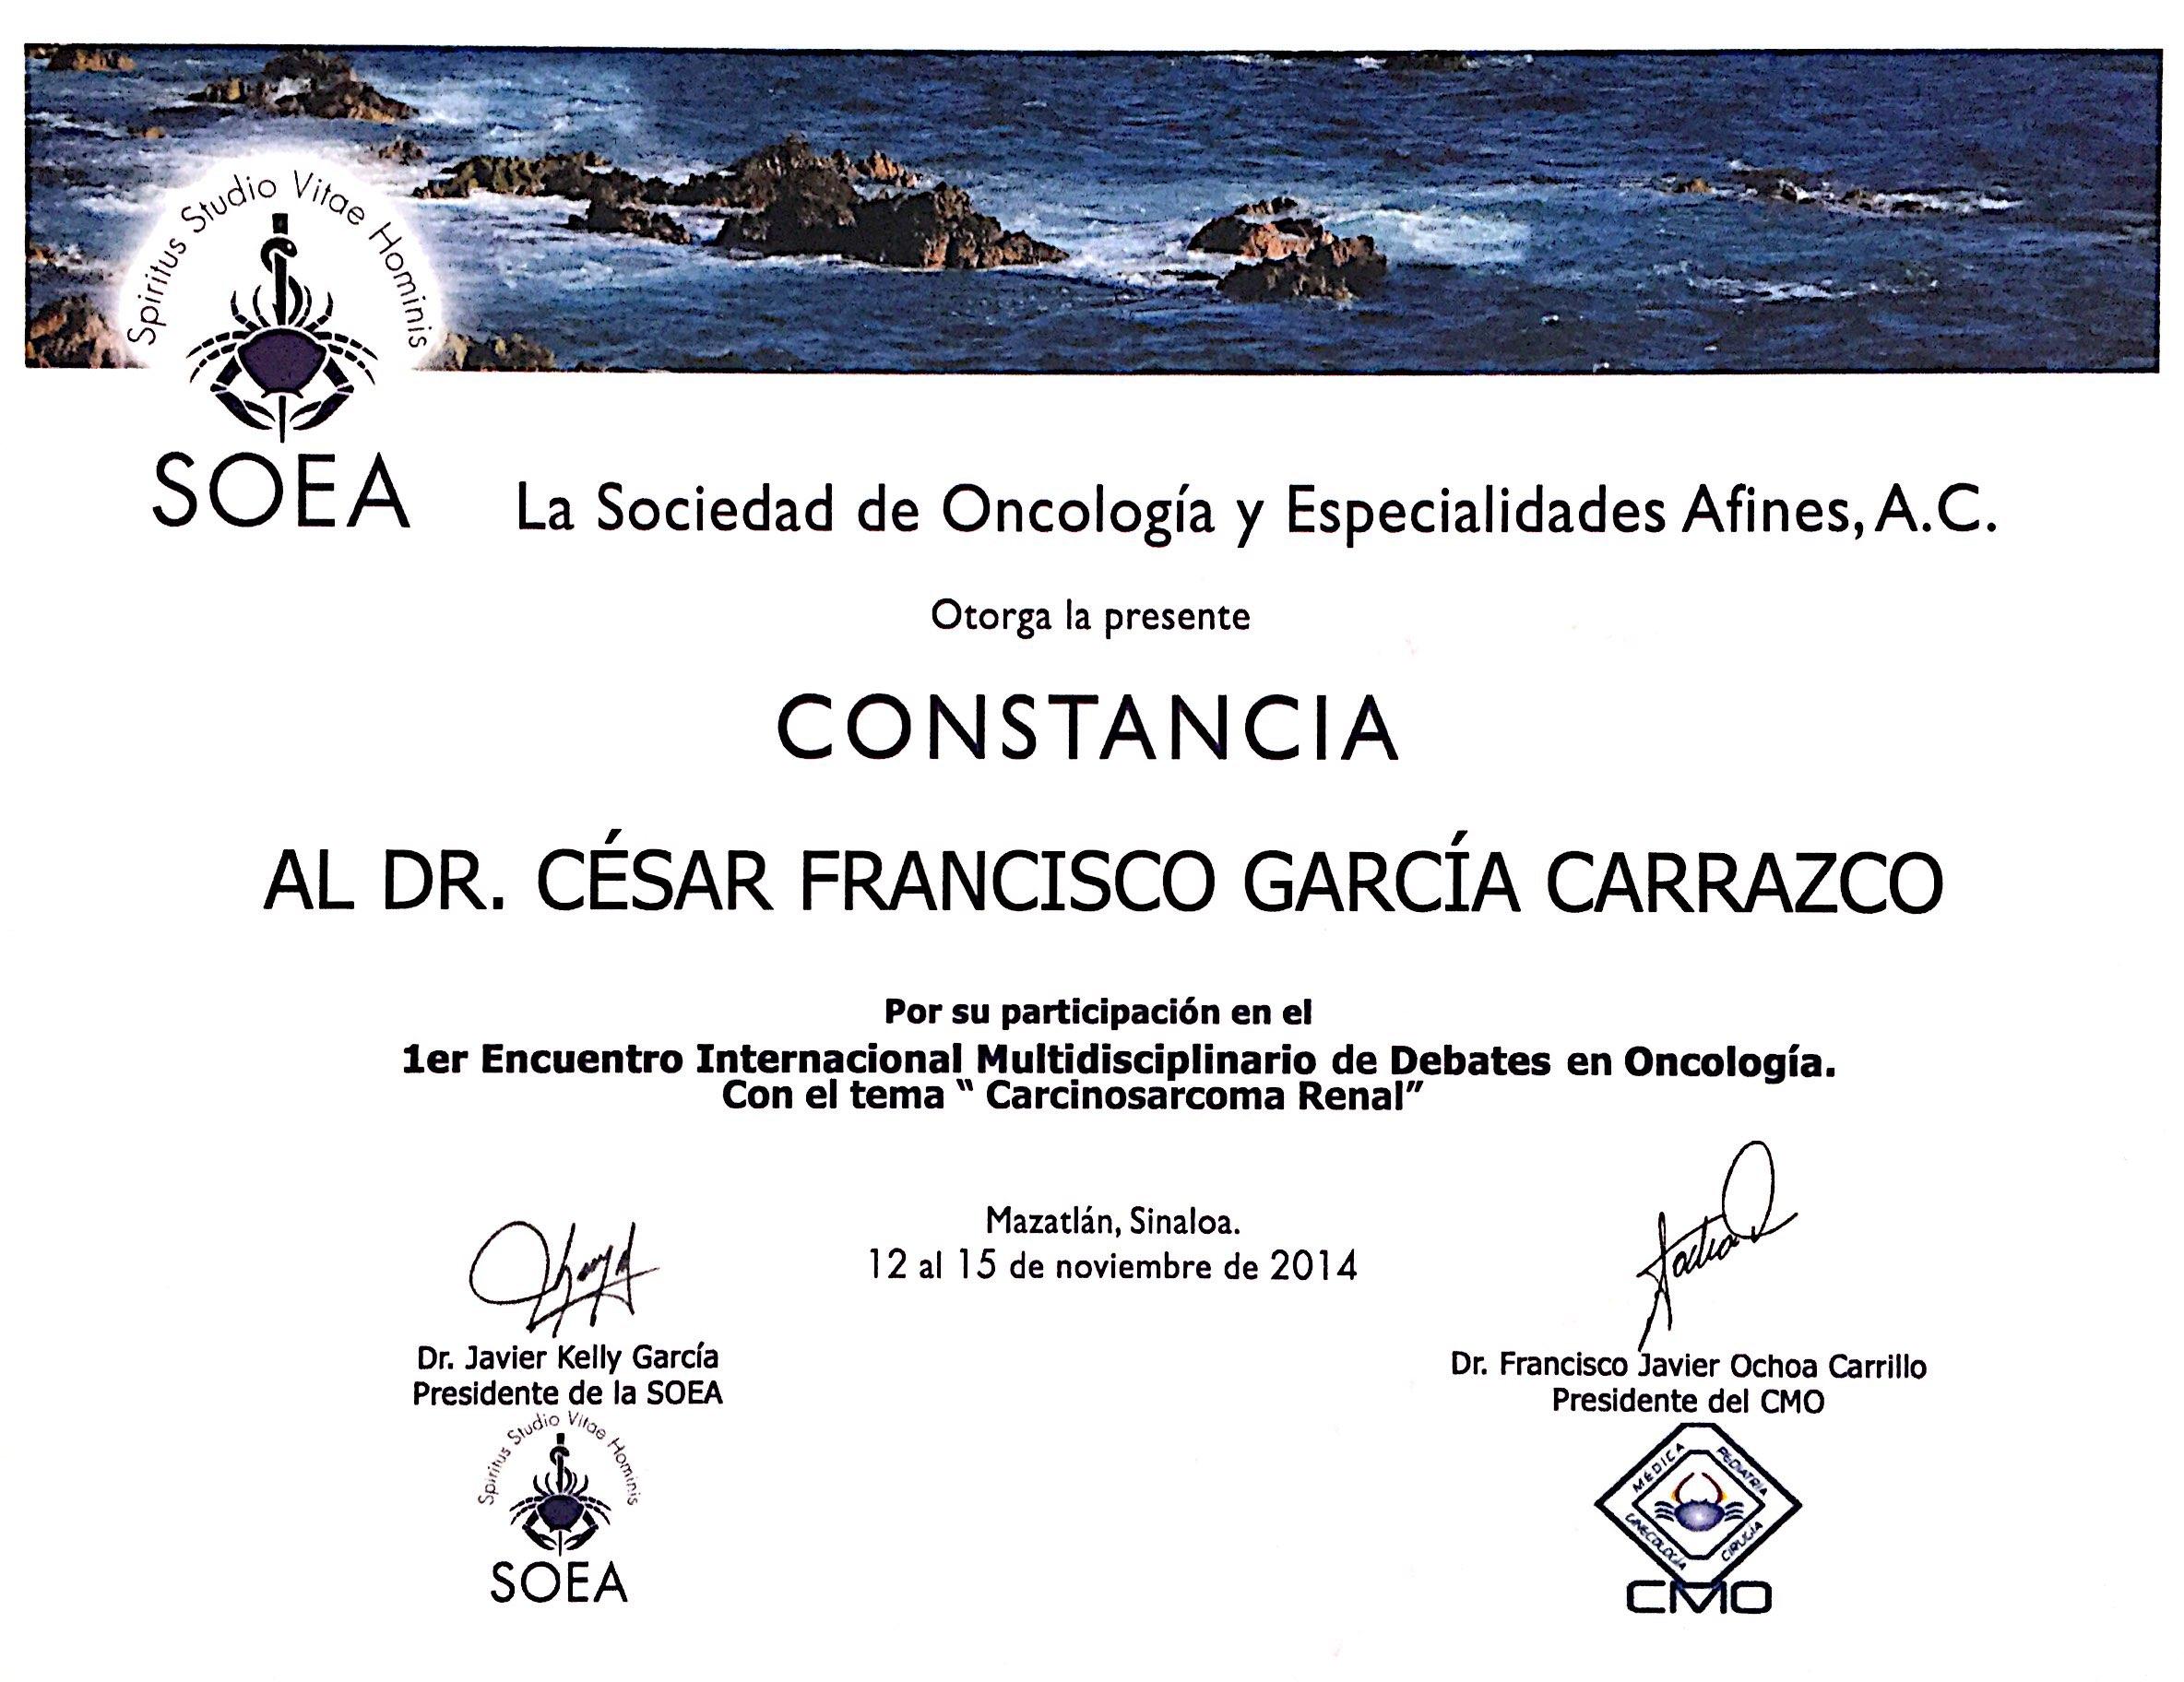 Dr. Garcia Carrazco_42